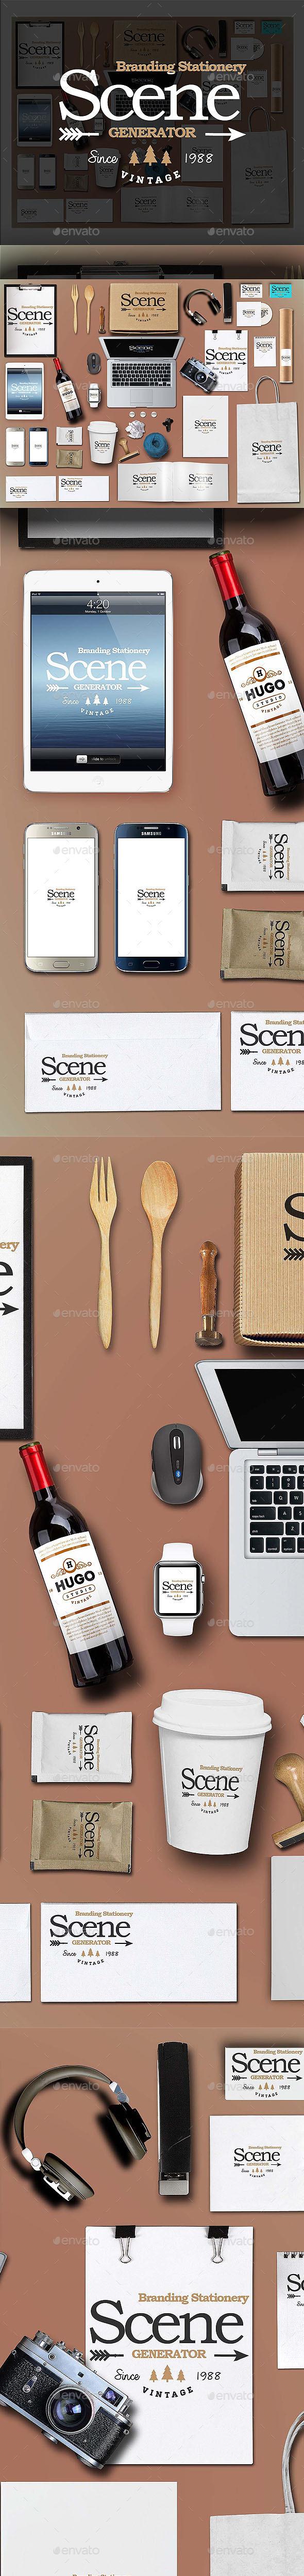 Branding Stationery Scene Generator (Stationery)